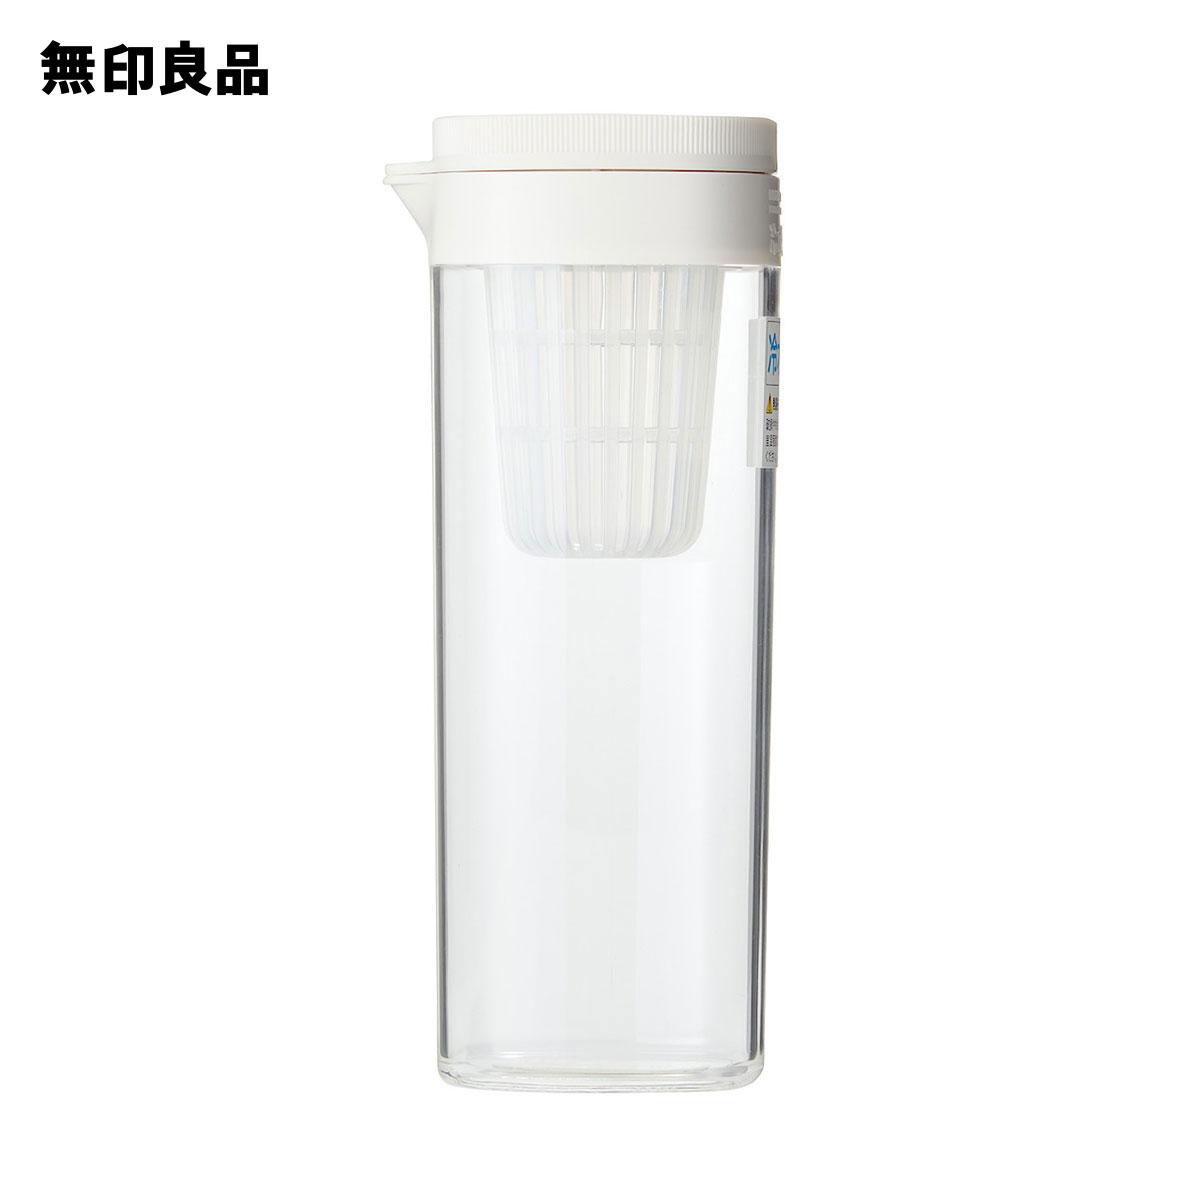 【無印良品 公式】 アクリル冷水筒